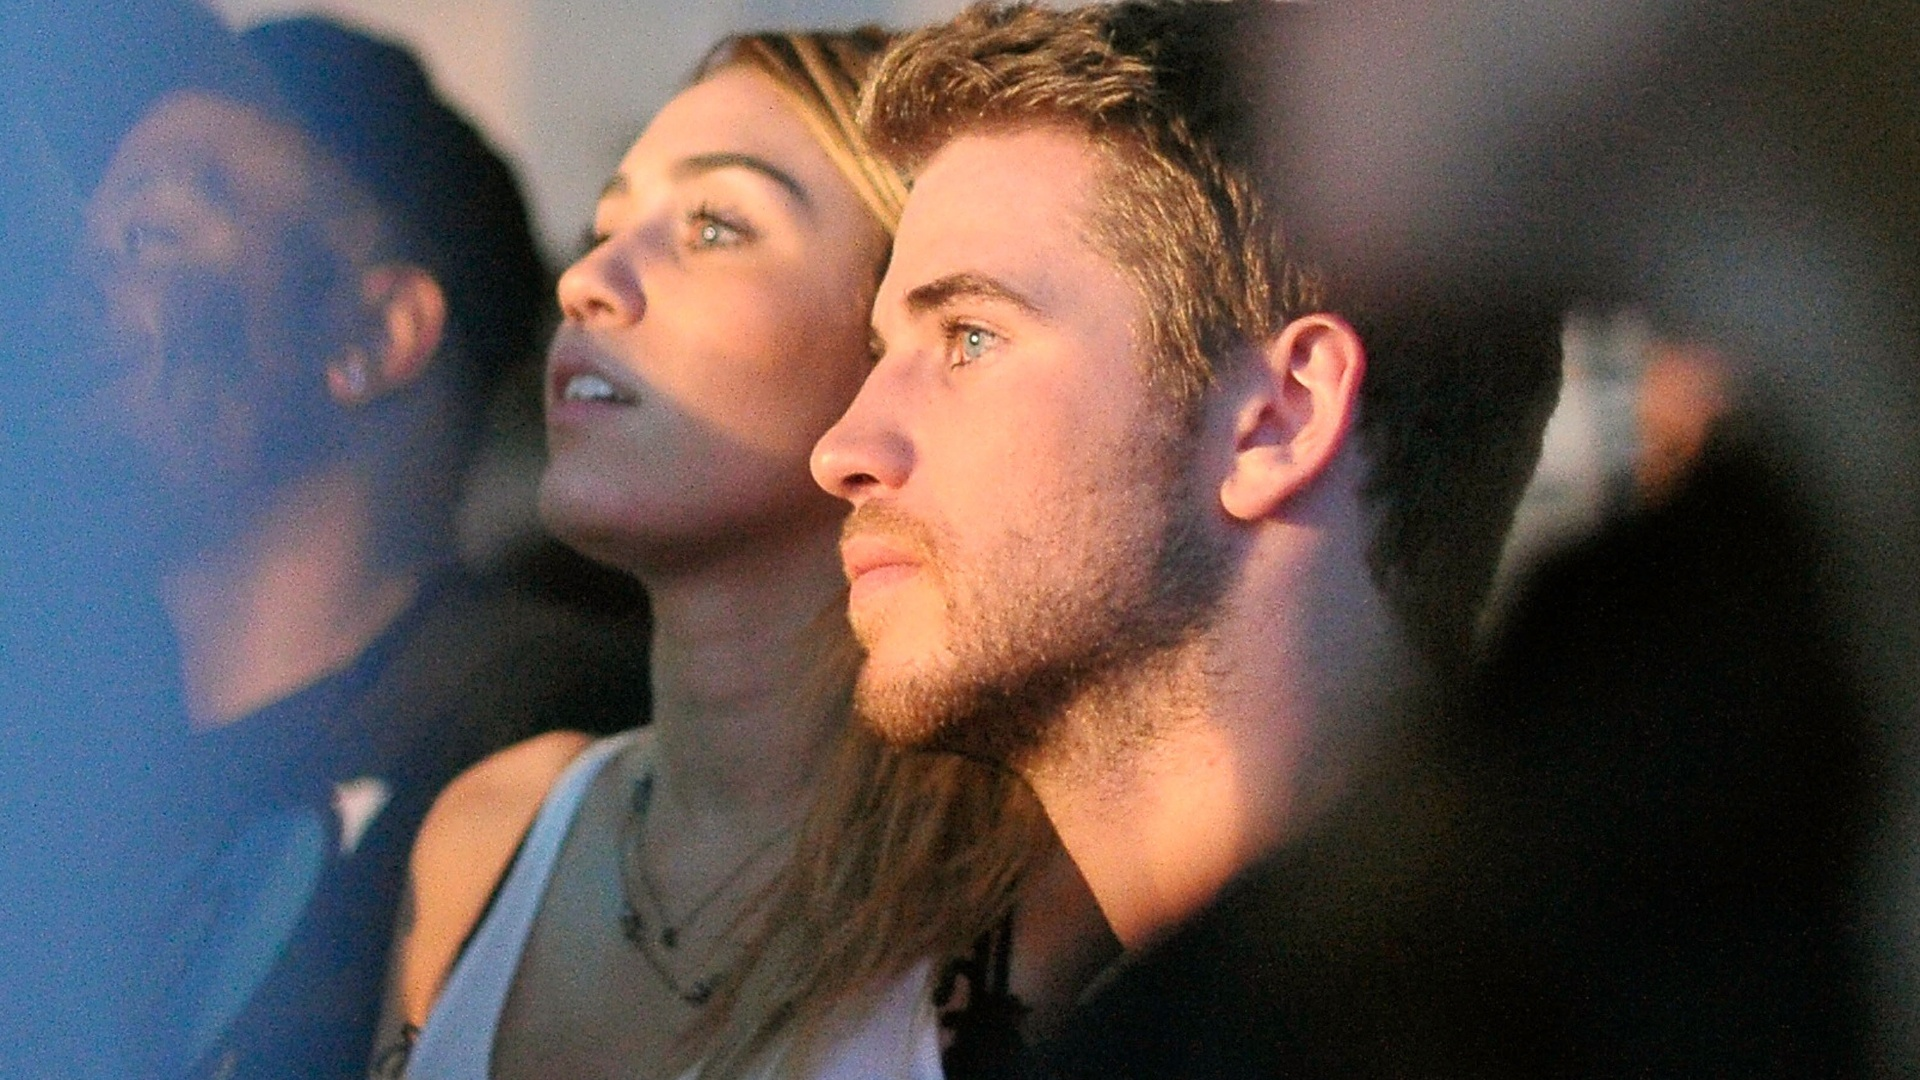 Após críticas de que estaria acima do peso, Miley Cyrus e o namorado Liam Hemsworth curtem show em Los Angeles (16/11/11)